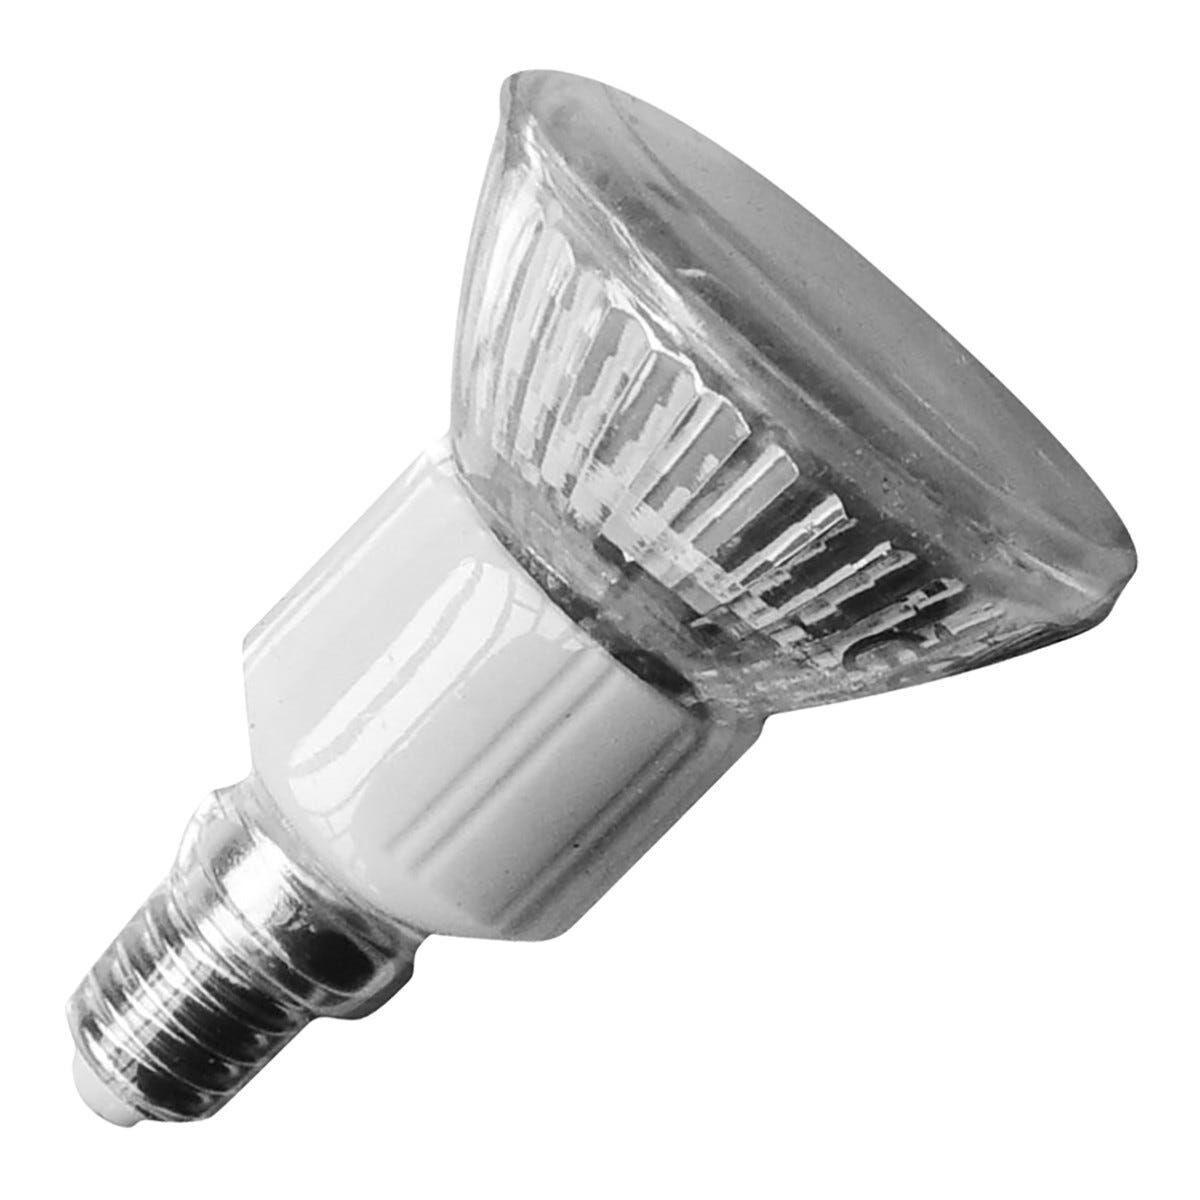 lampadina vivida led spot e14 2w=11w 85 lumen 4200k luce bianca dimensioni Ø 50x73 mm